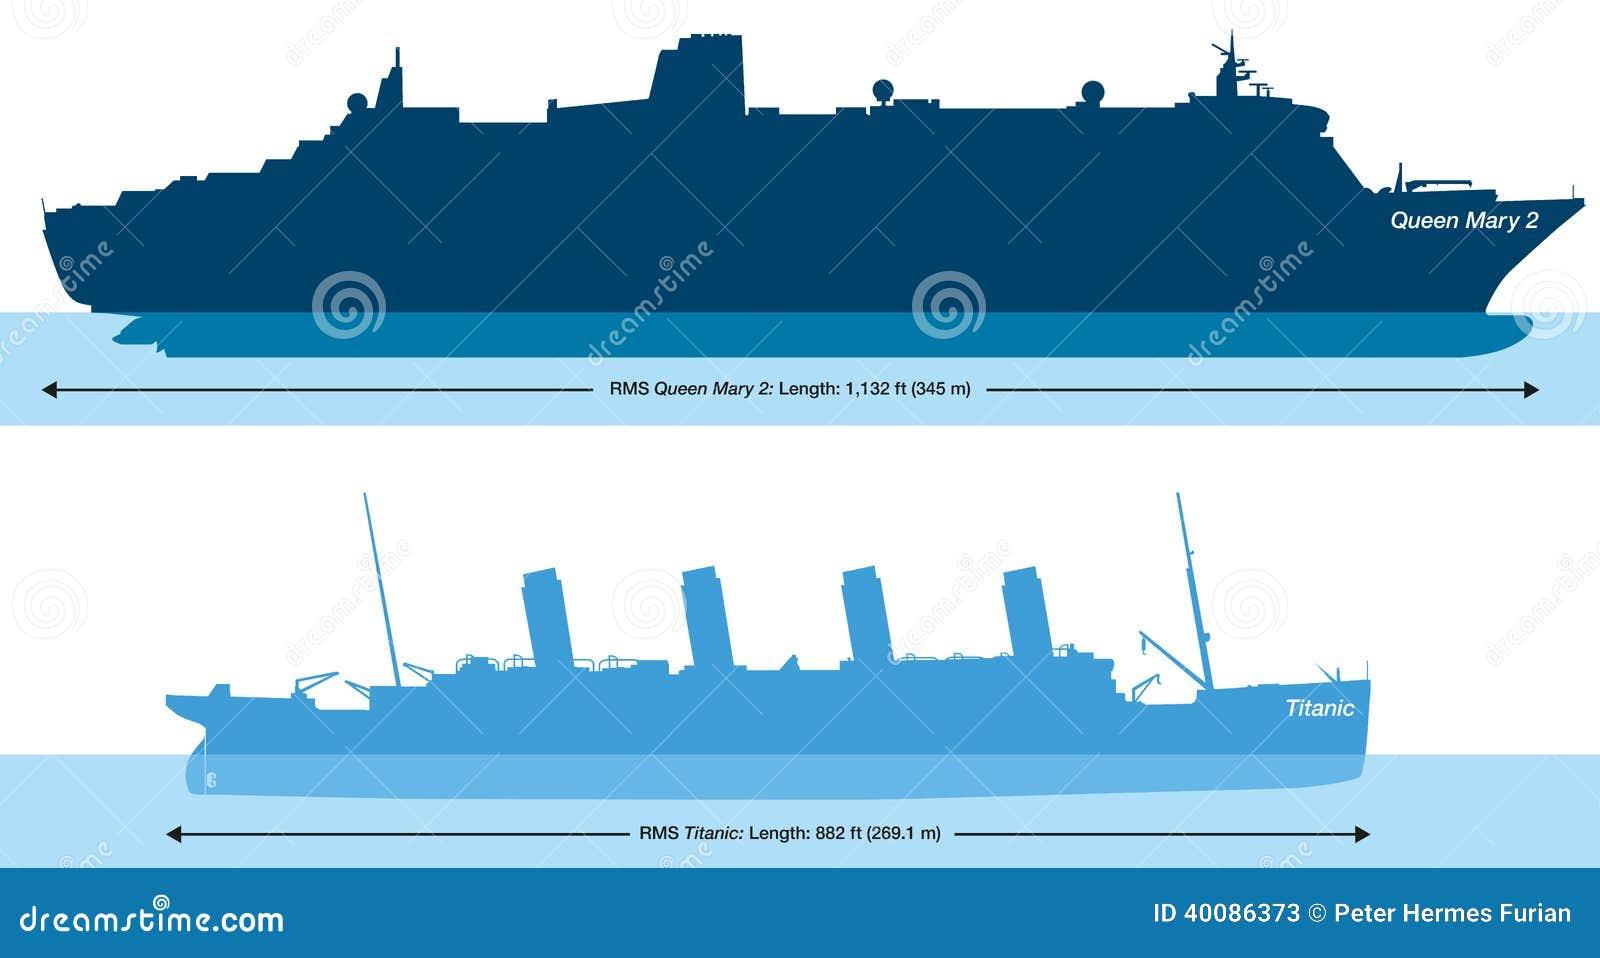 titanic et queen mary 2 comparaison et dr de taille illustration de vecteur illustration du. Black Bedroom Furniture Sets. Home Design Ideas